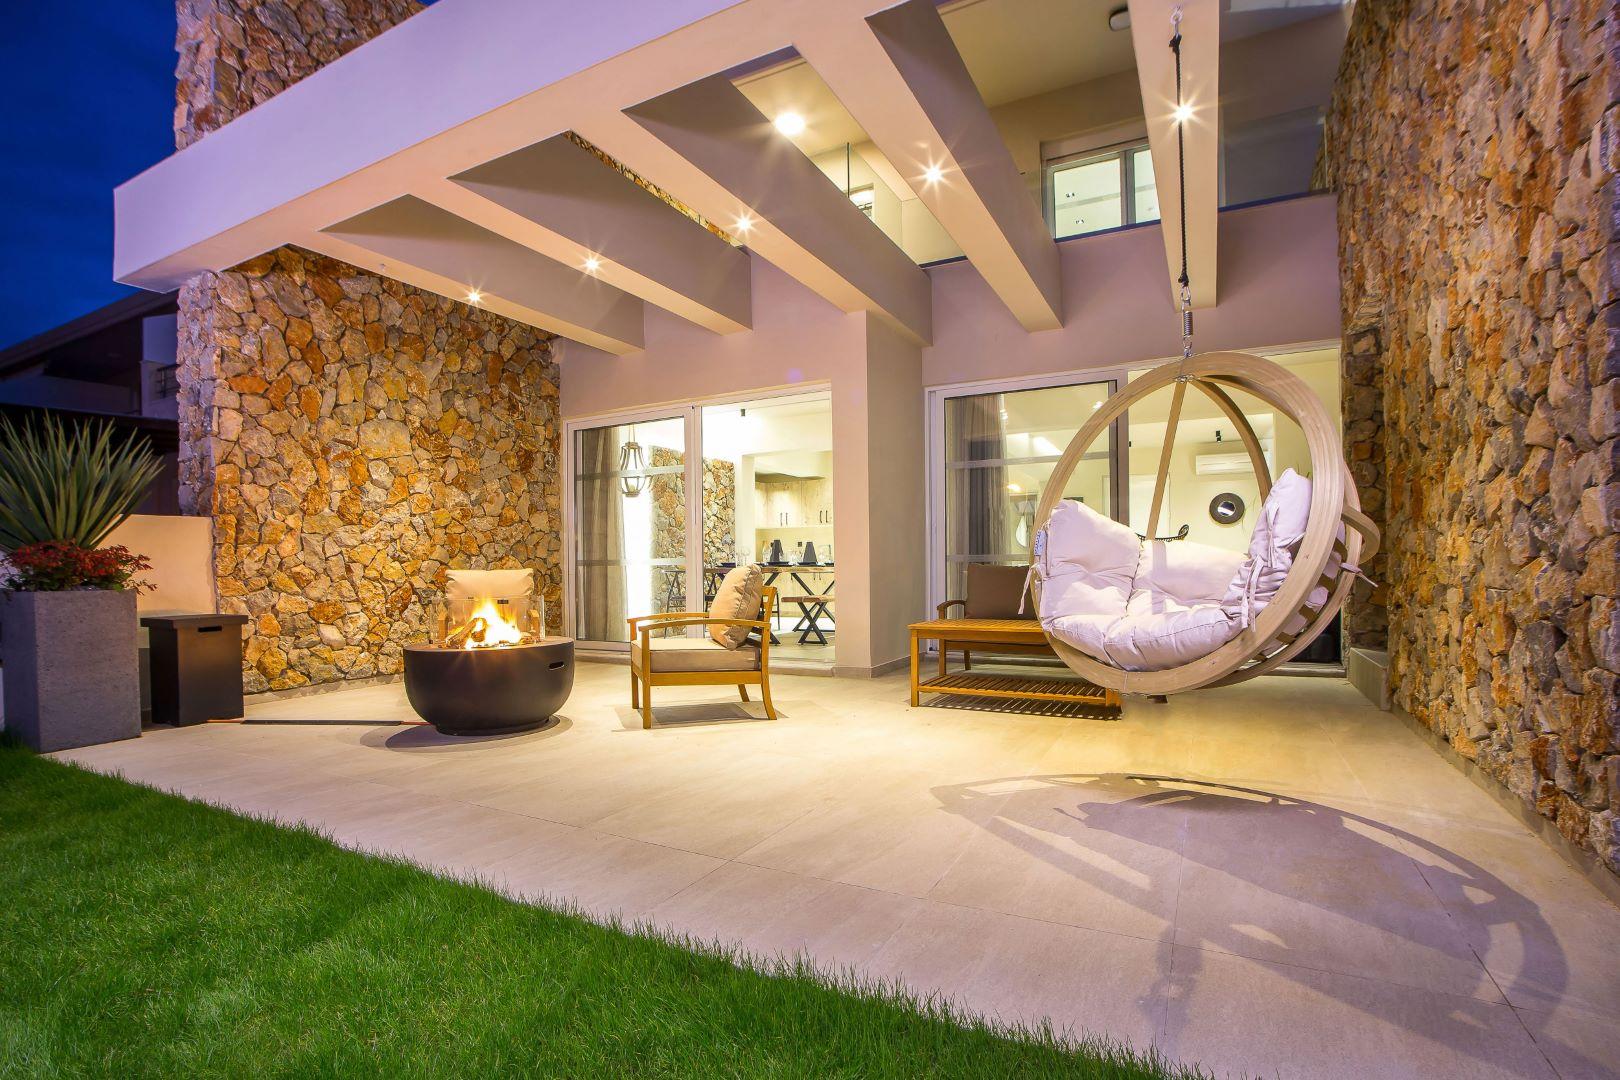 rhodes villas private pools 2 bedrooms